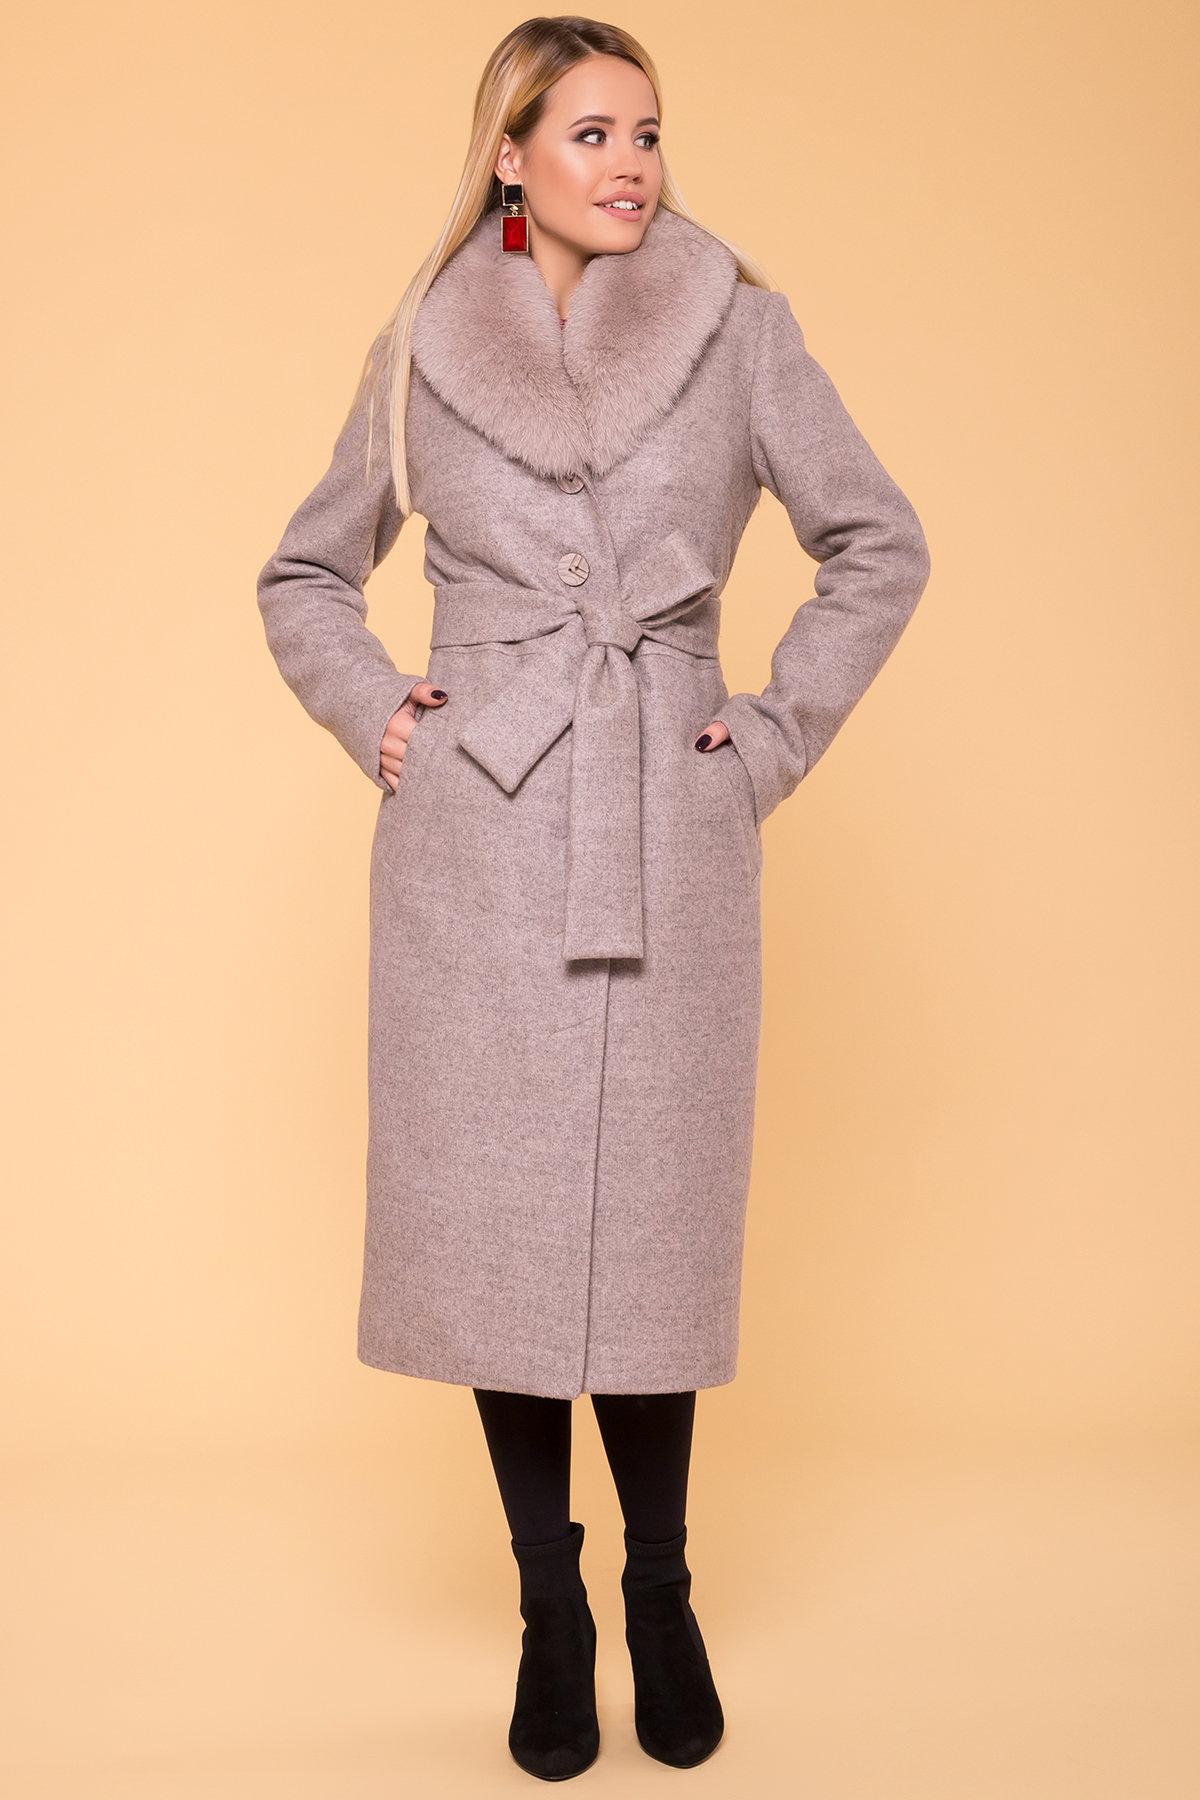 Пальто женское зимнее купить от Modus Пальто зима Габриэлла макси 5890